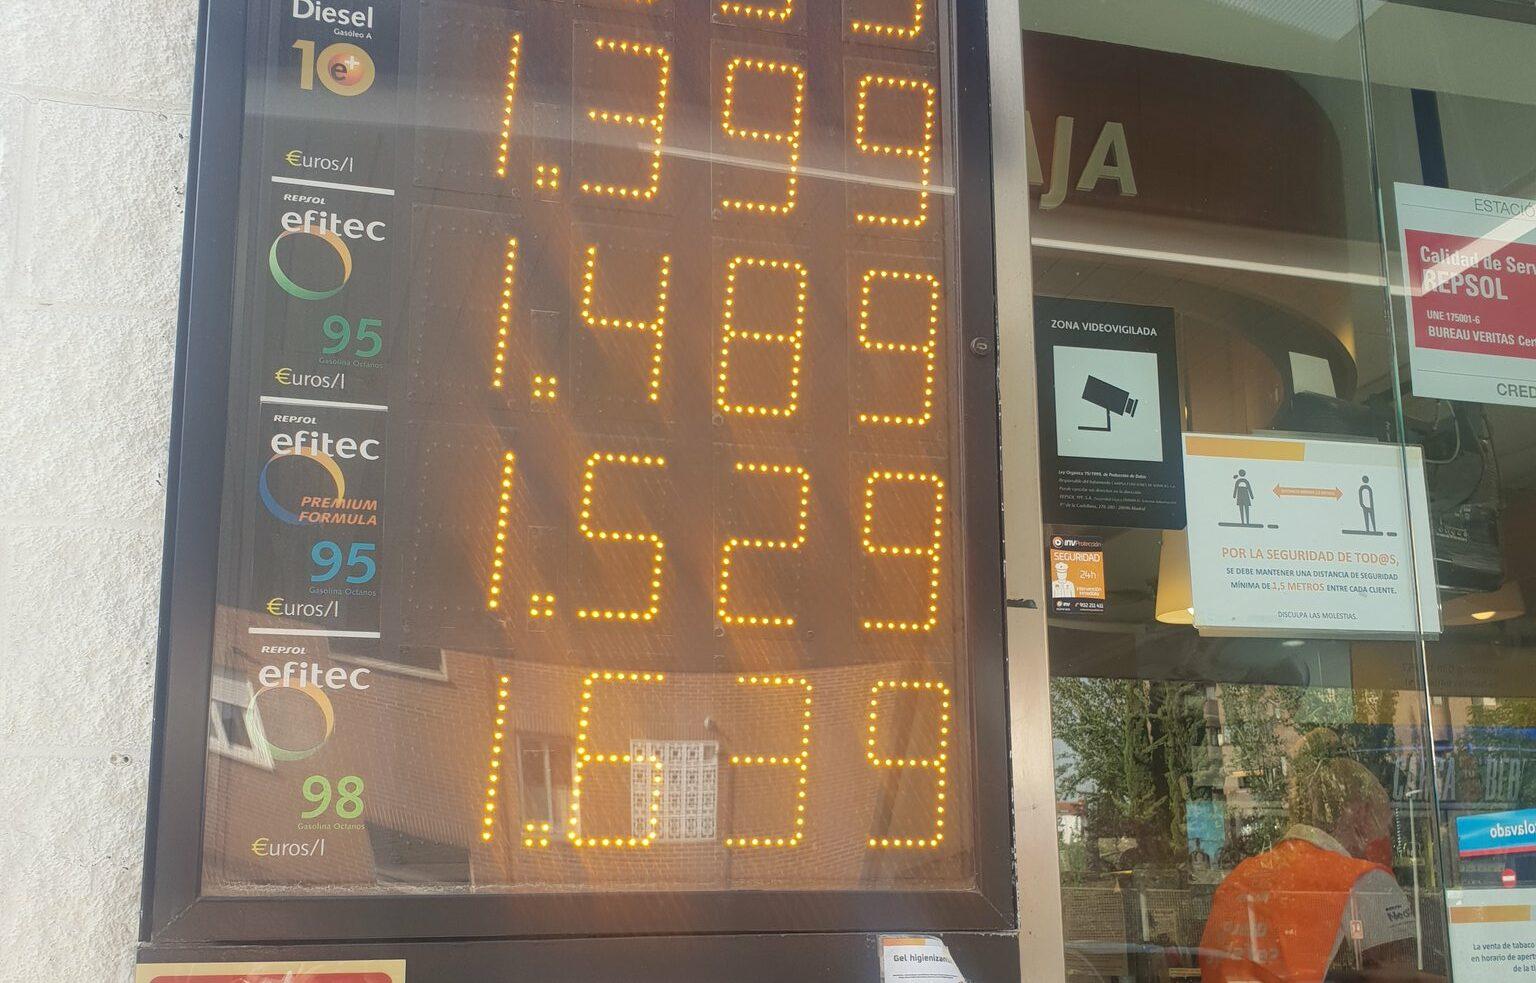 La gasolina se dispara casi un 15% en lo que va de año y remonta a máximos de 2014 1